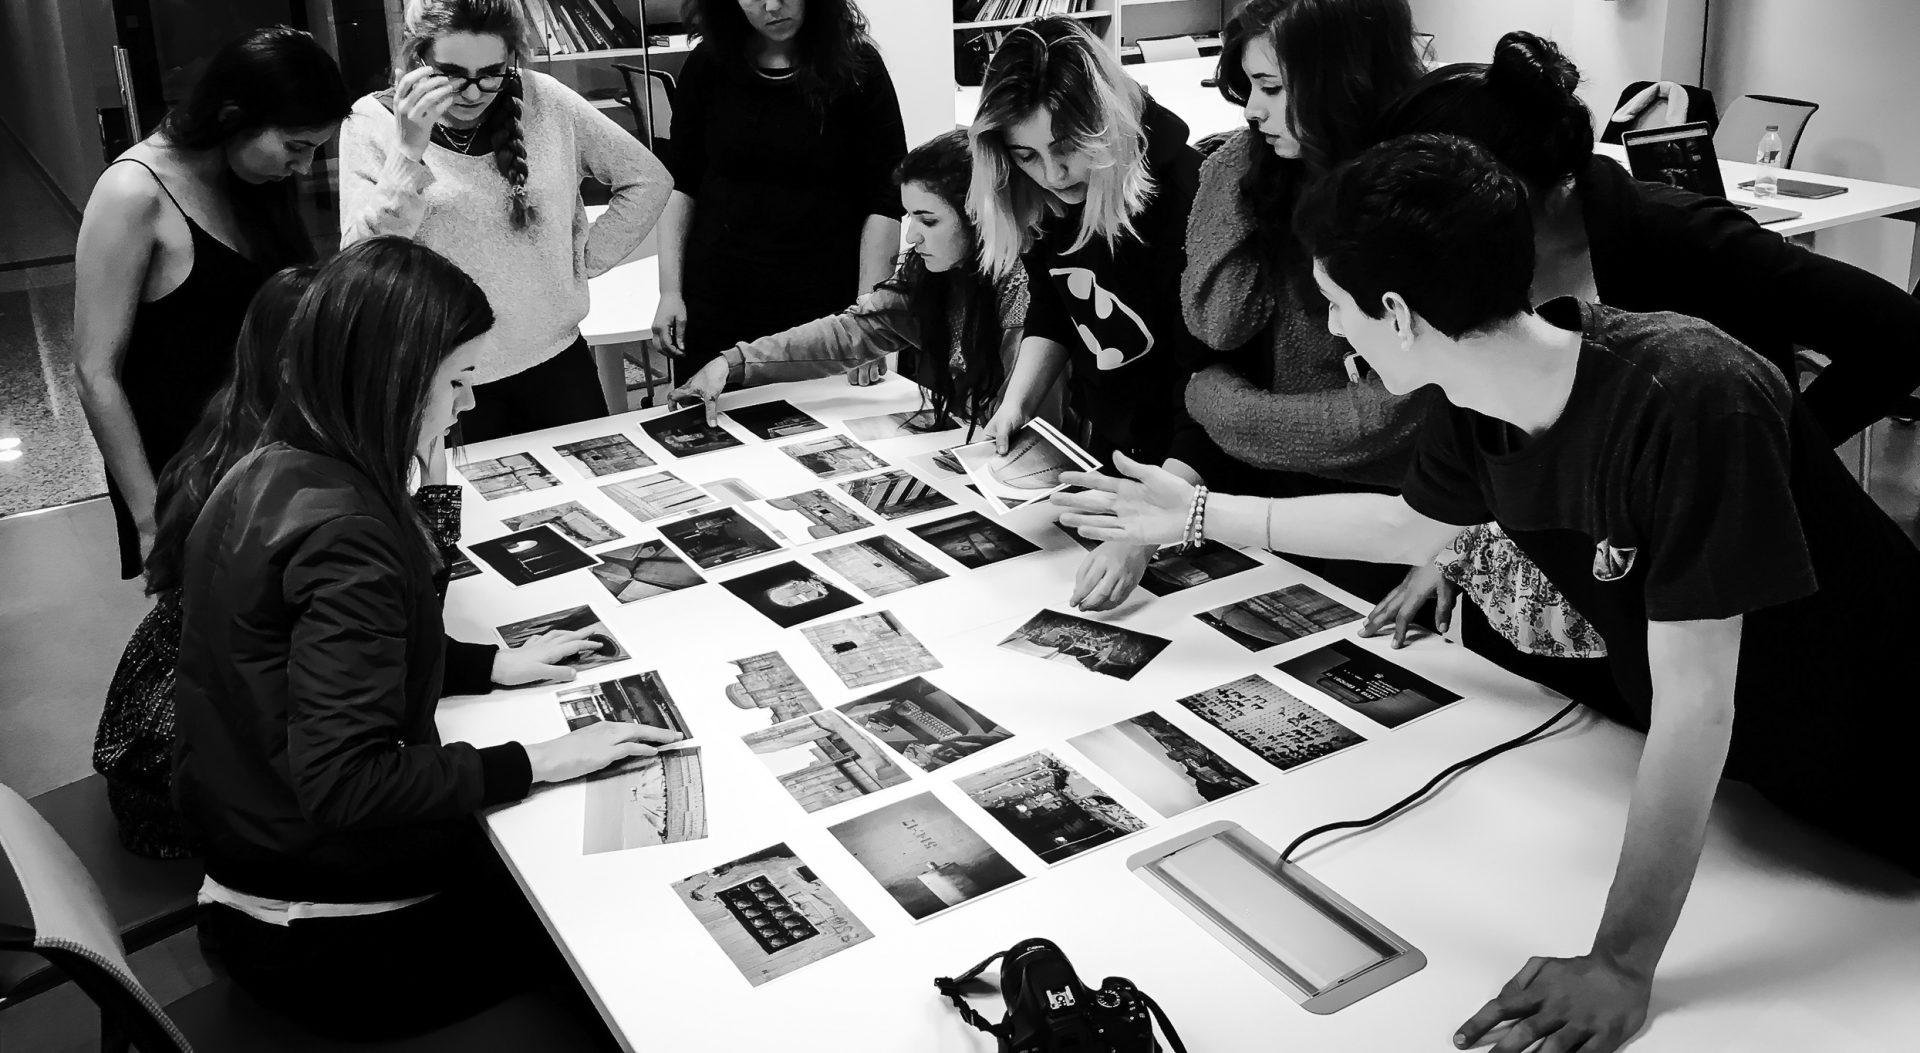 fotos taller handsthinking - la construccion de la mirada-02